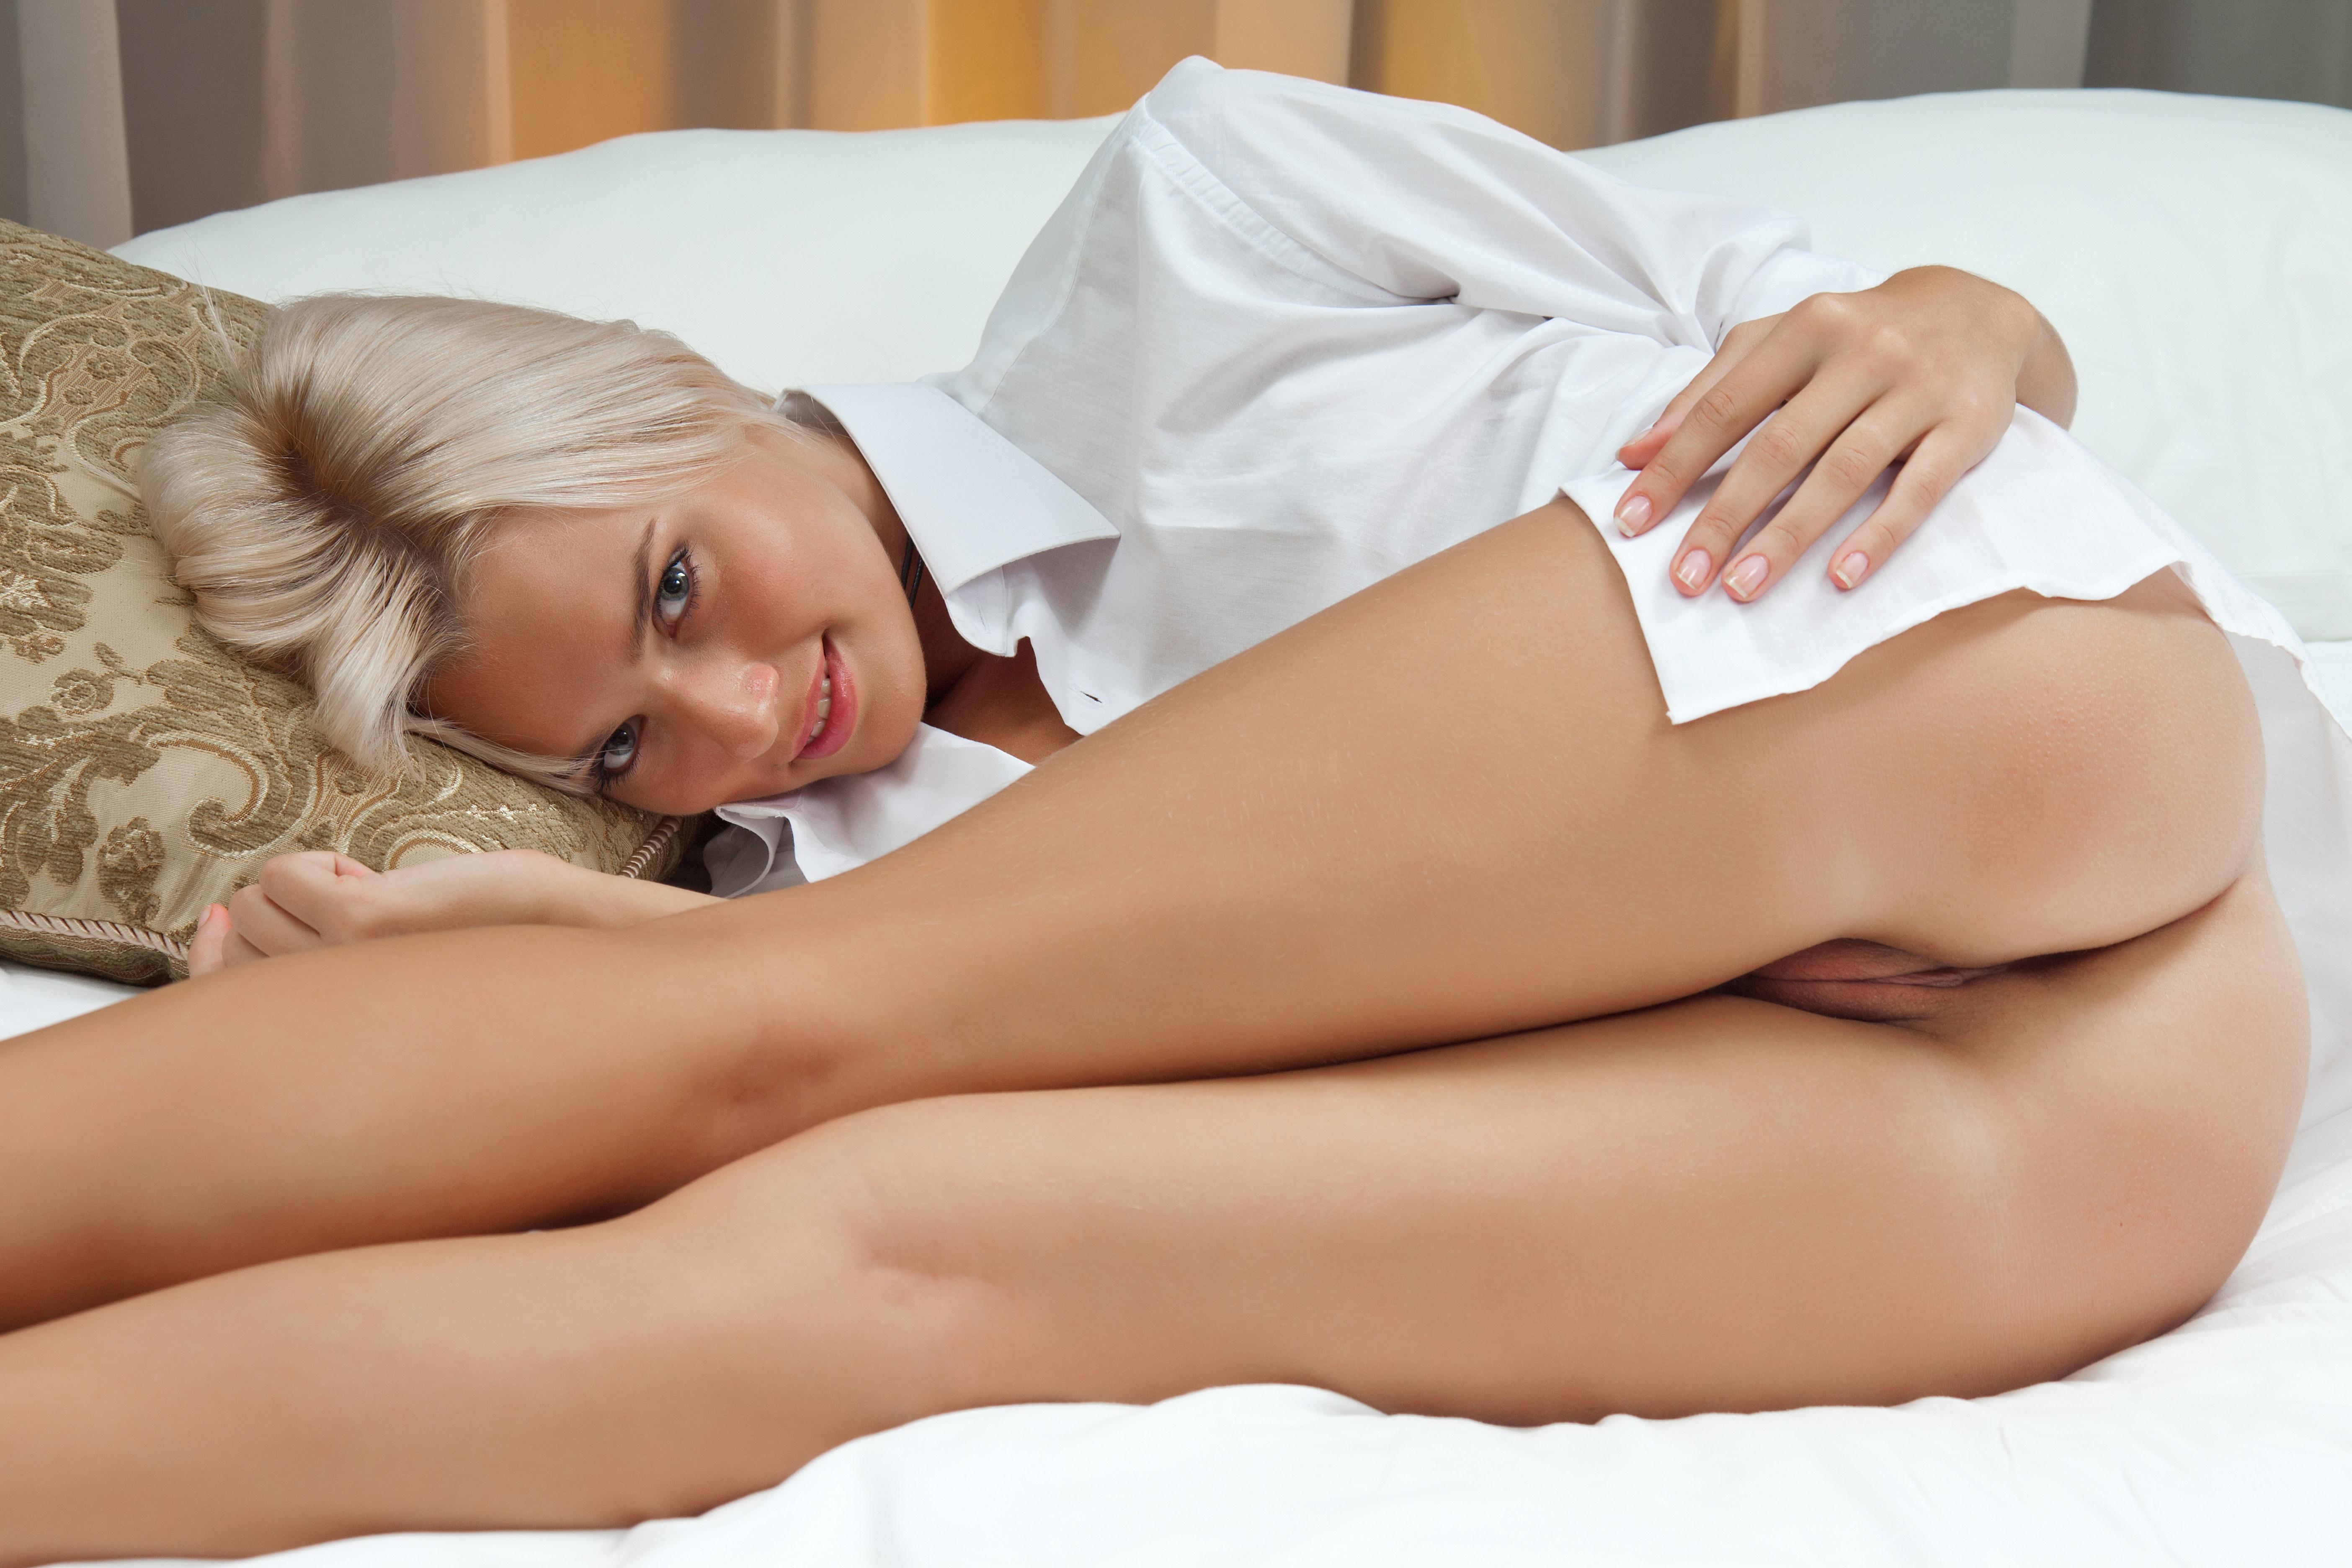 Девушки в белых трусиках эротика фото